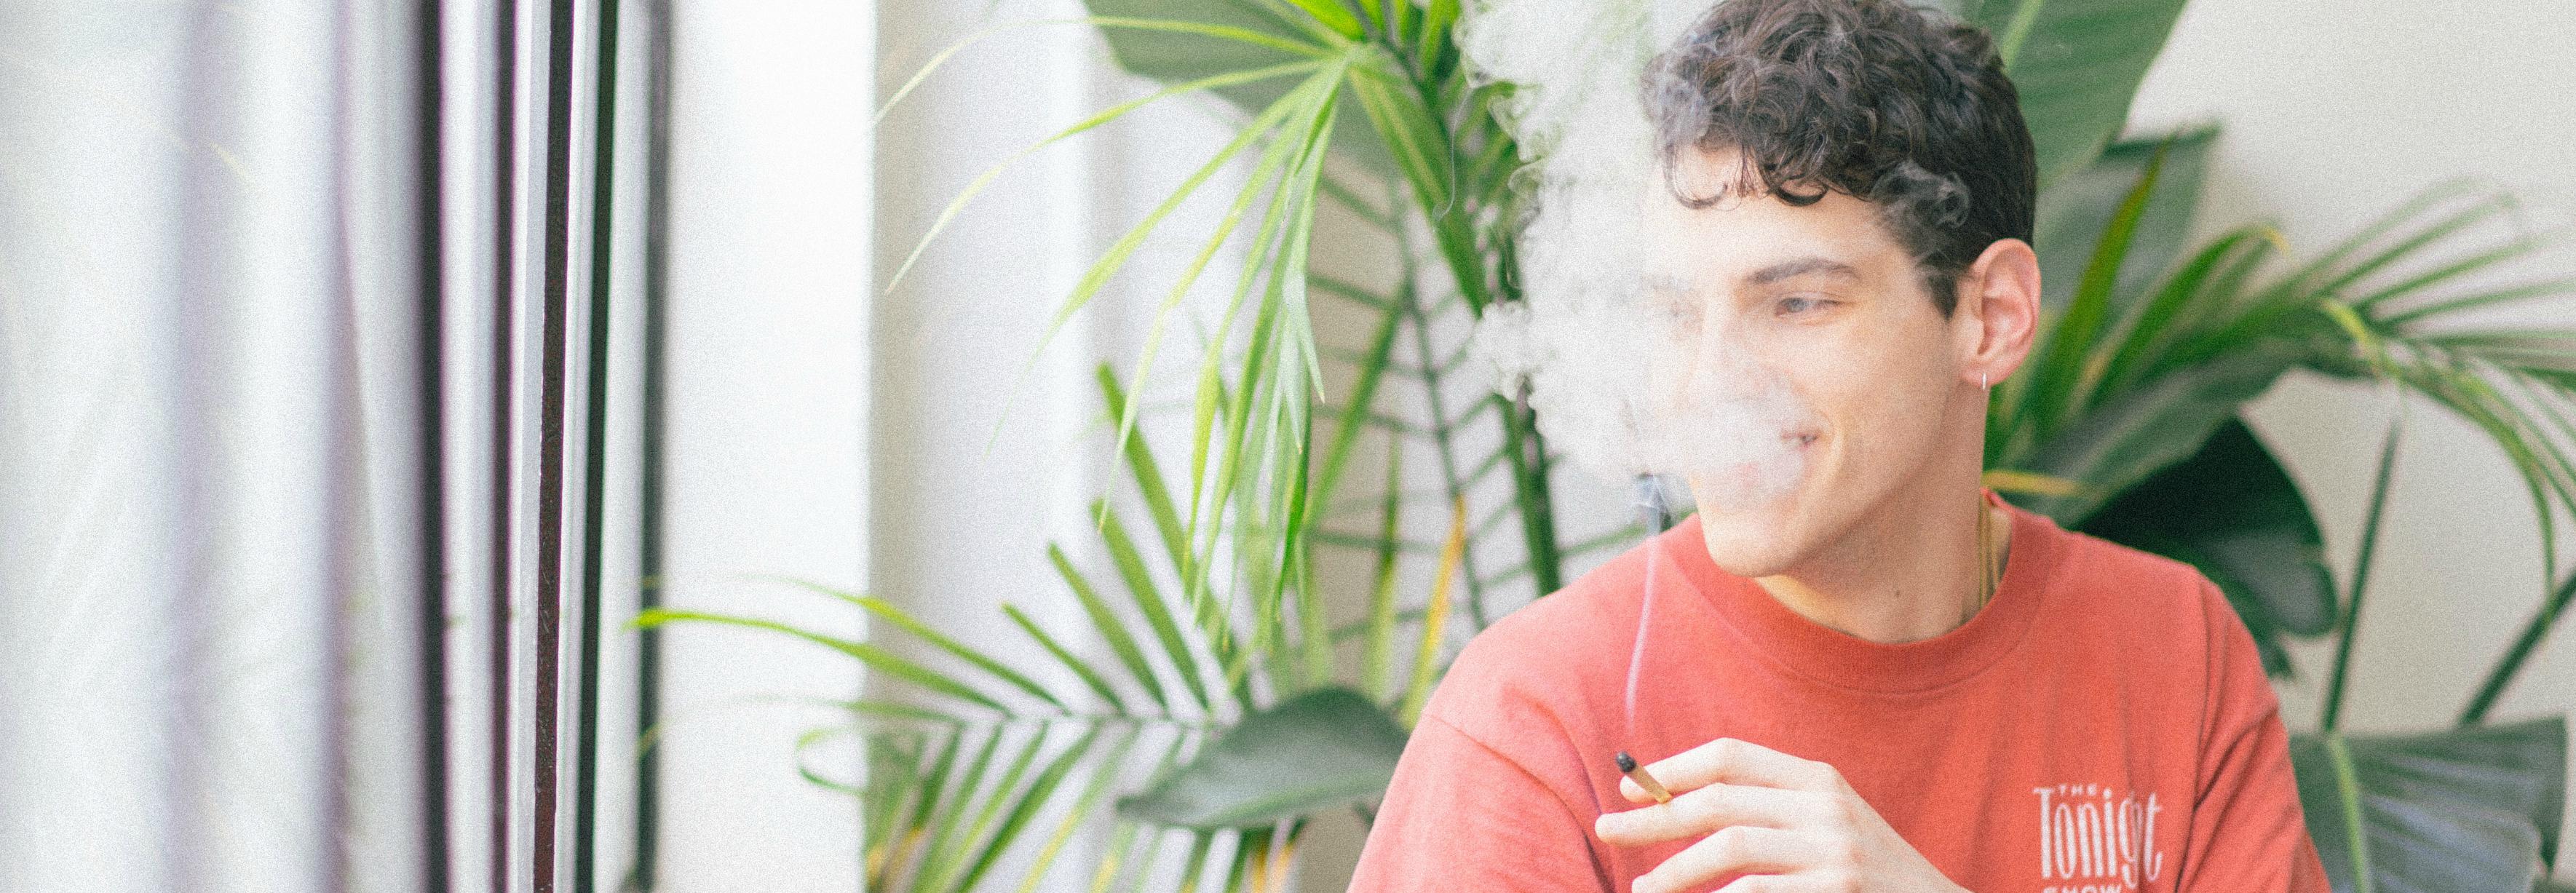 Los cigarrillos electrónicos contienen sustancias que podrían ser más perjudiciales que la nicotina